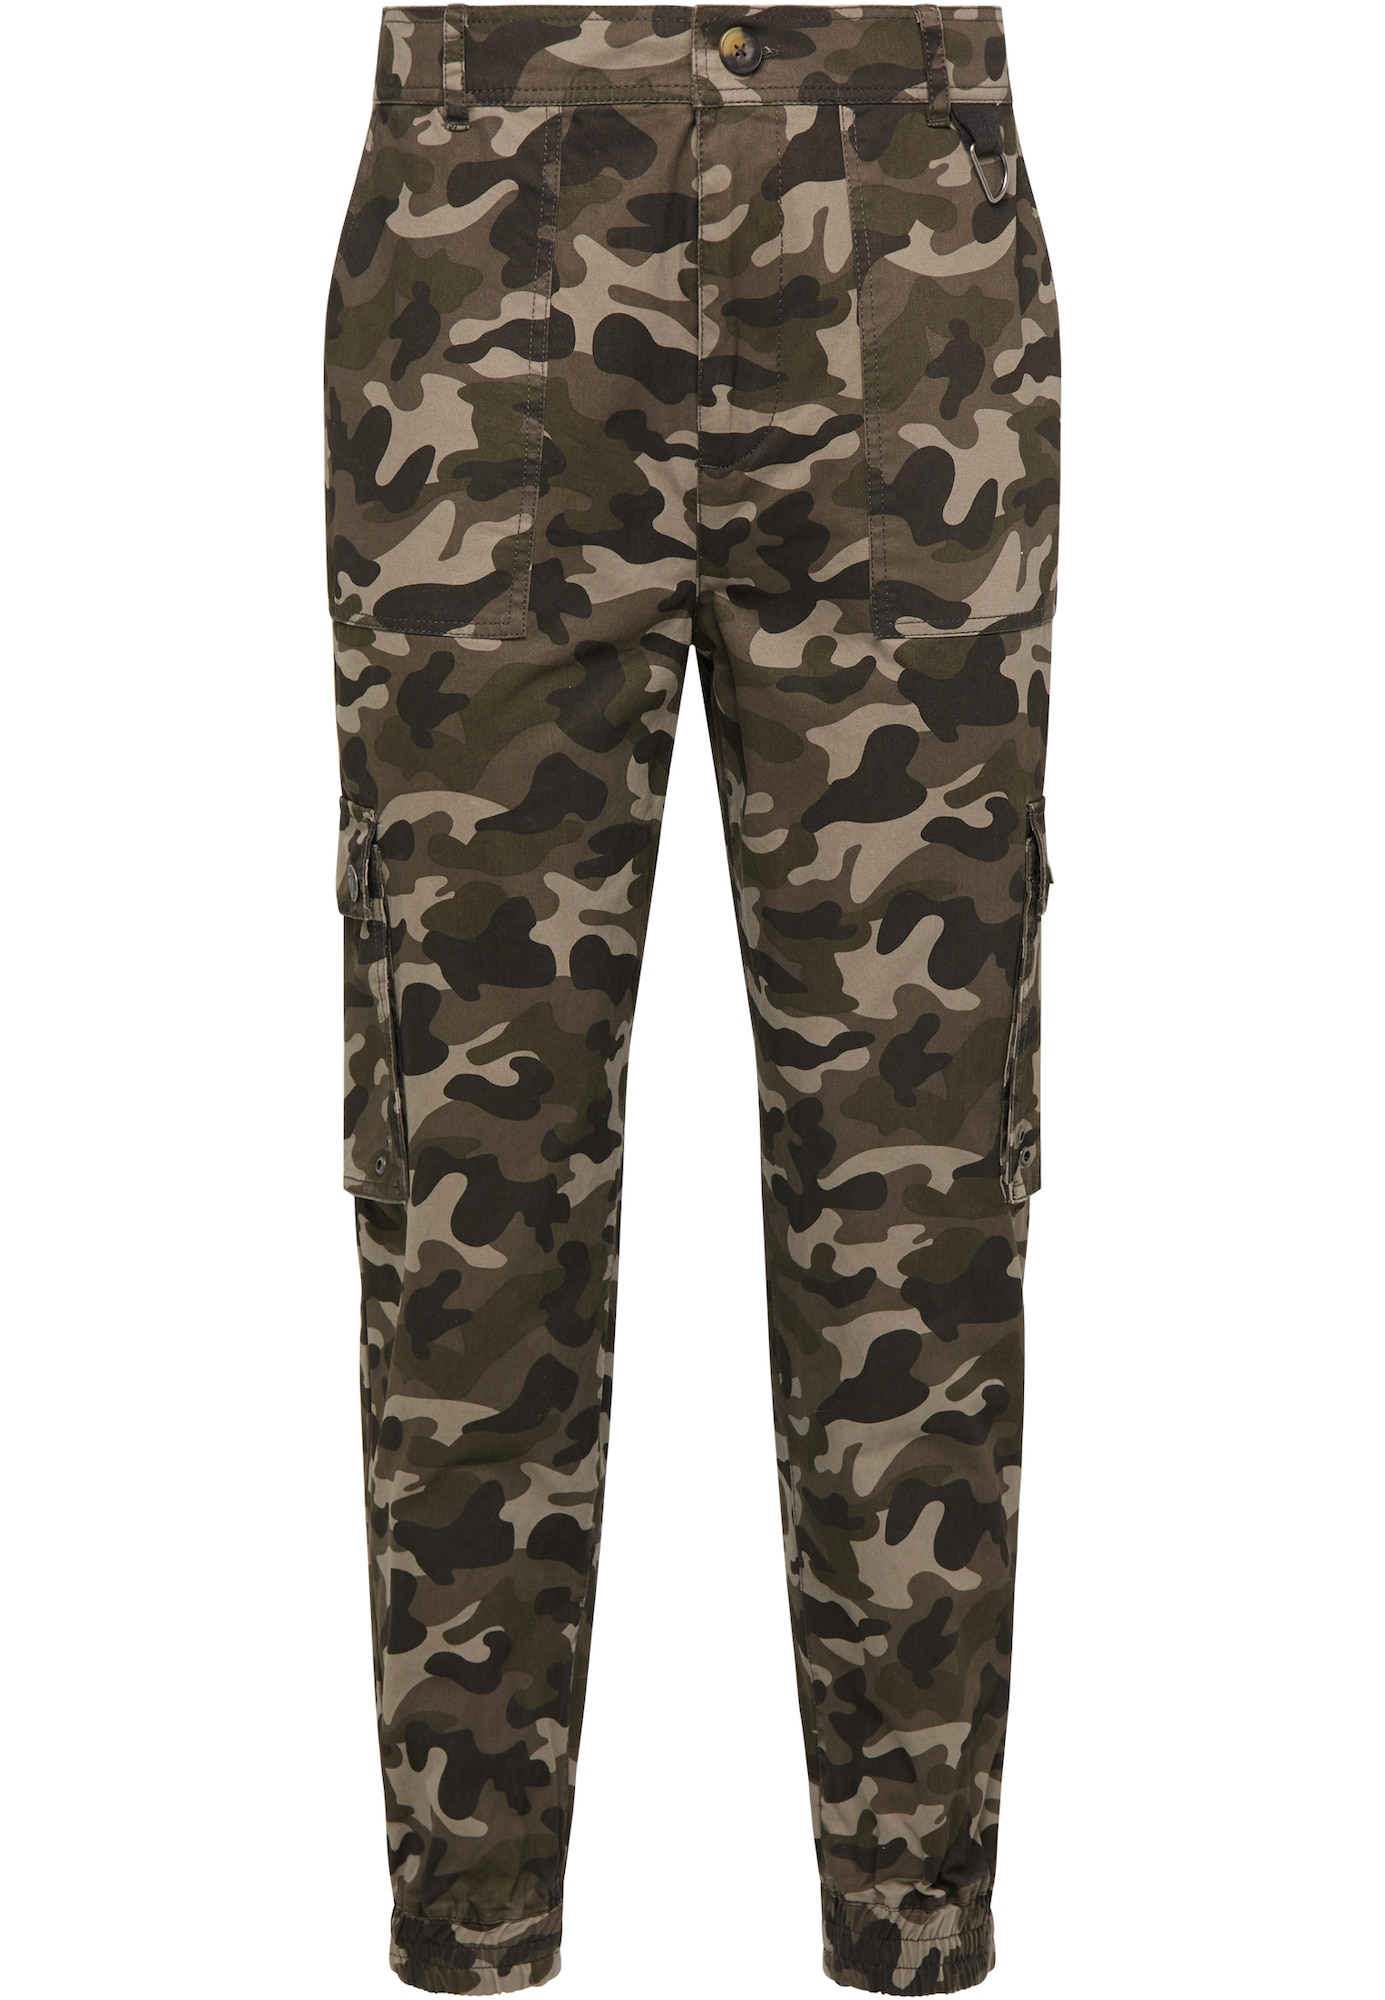 MO Laisvo stiliaus kelnės rusvai žalia / alyvuogių spalva / juoda / gelsvai pilka spalva